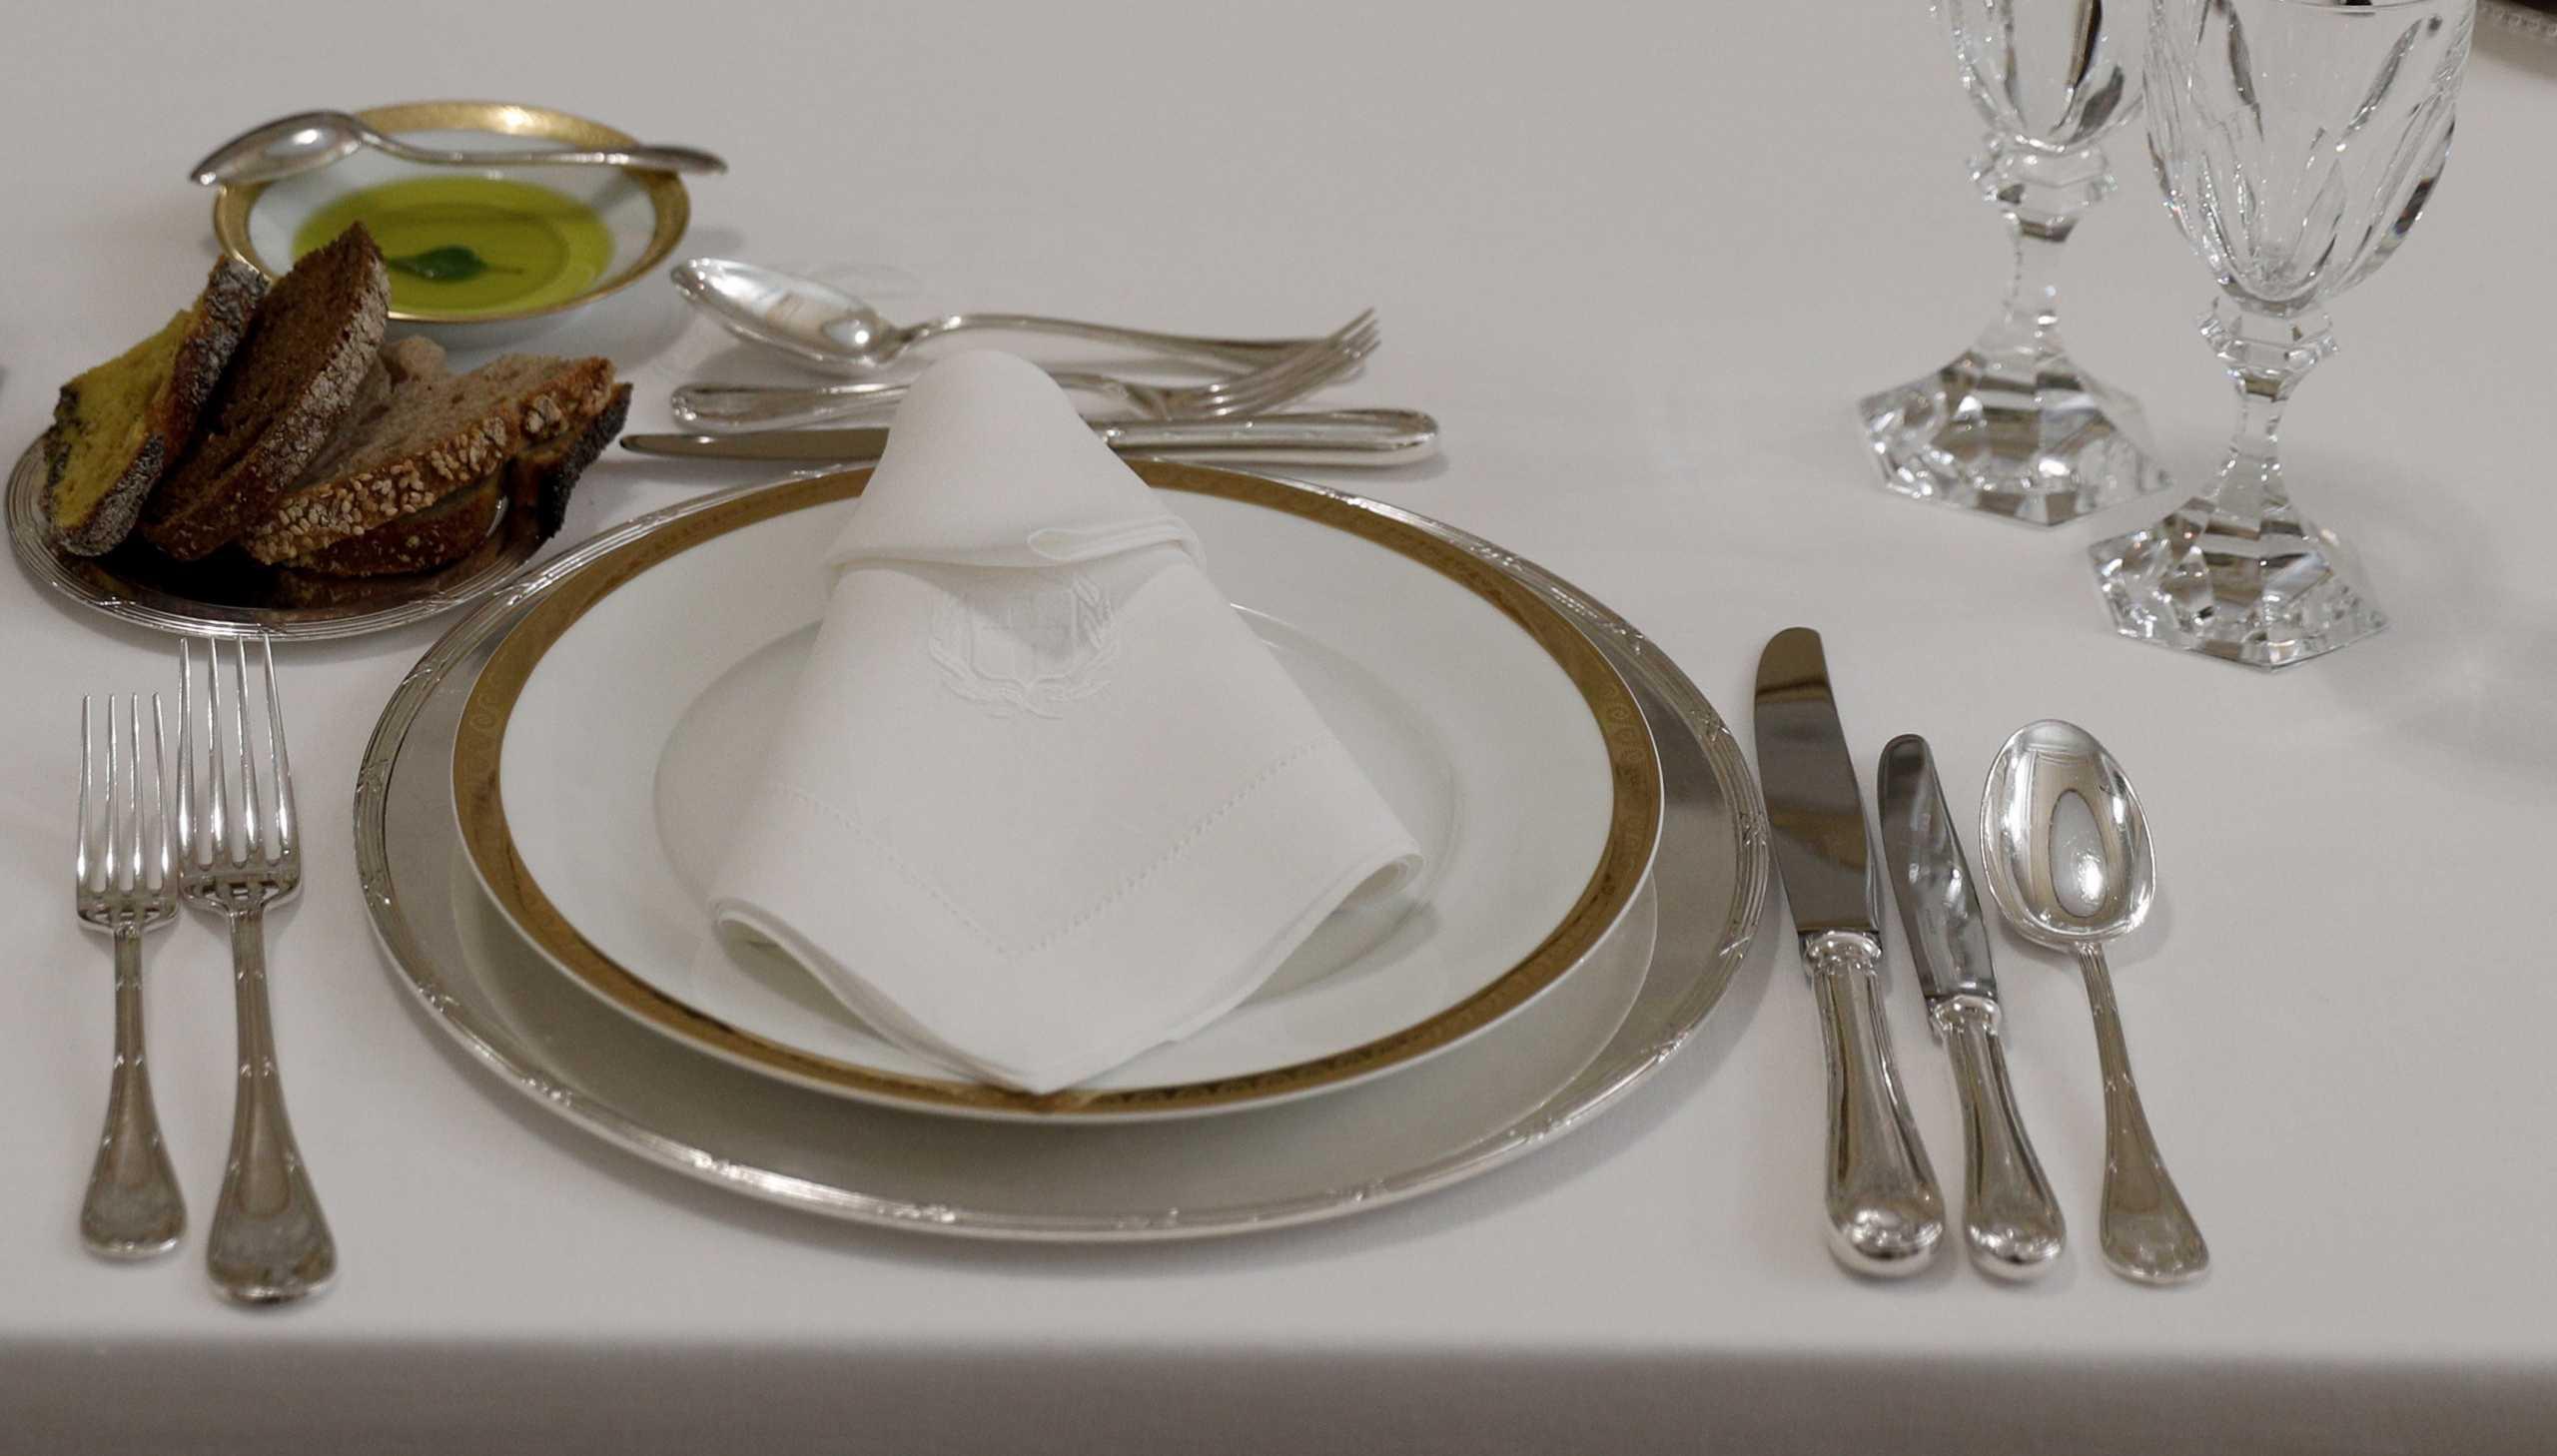 Πάτρα – Κορονοϊός: Η διασπορά στο γιορτινό τραπέζι – Τι δείχνουν τα στοιχεία και οι τελευταίοι έλεγχοι